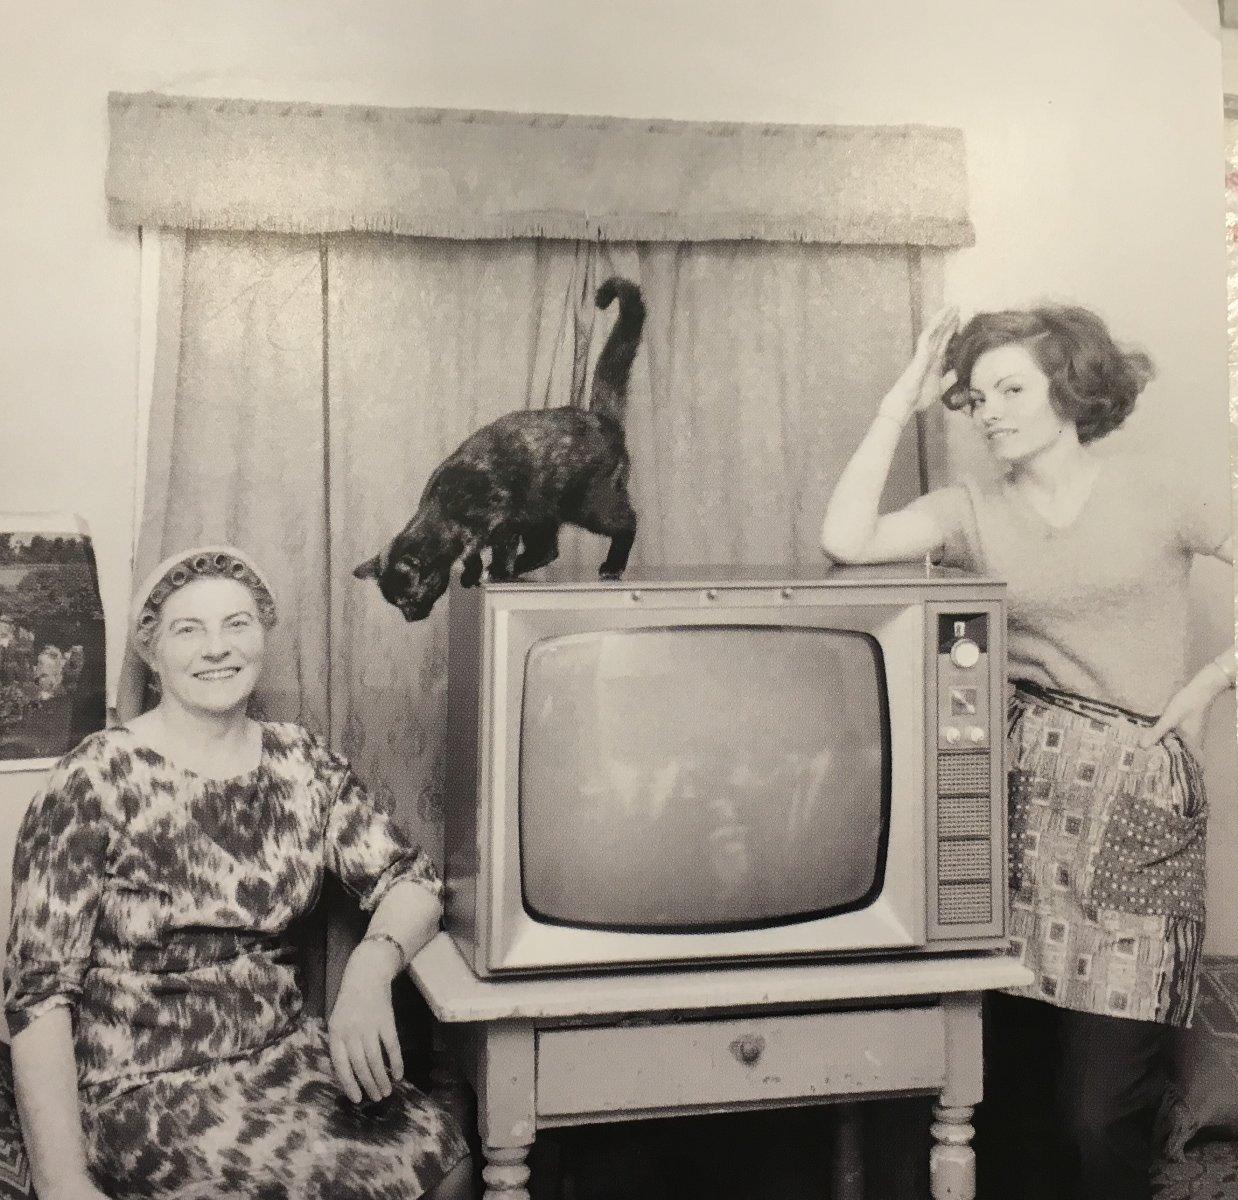 открытка про счастливыых обладательниц телевизора в Исландии. По модели семидесятые годы, фото Стасмир, photo Stasmir